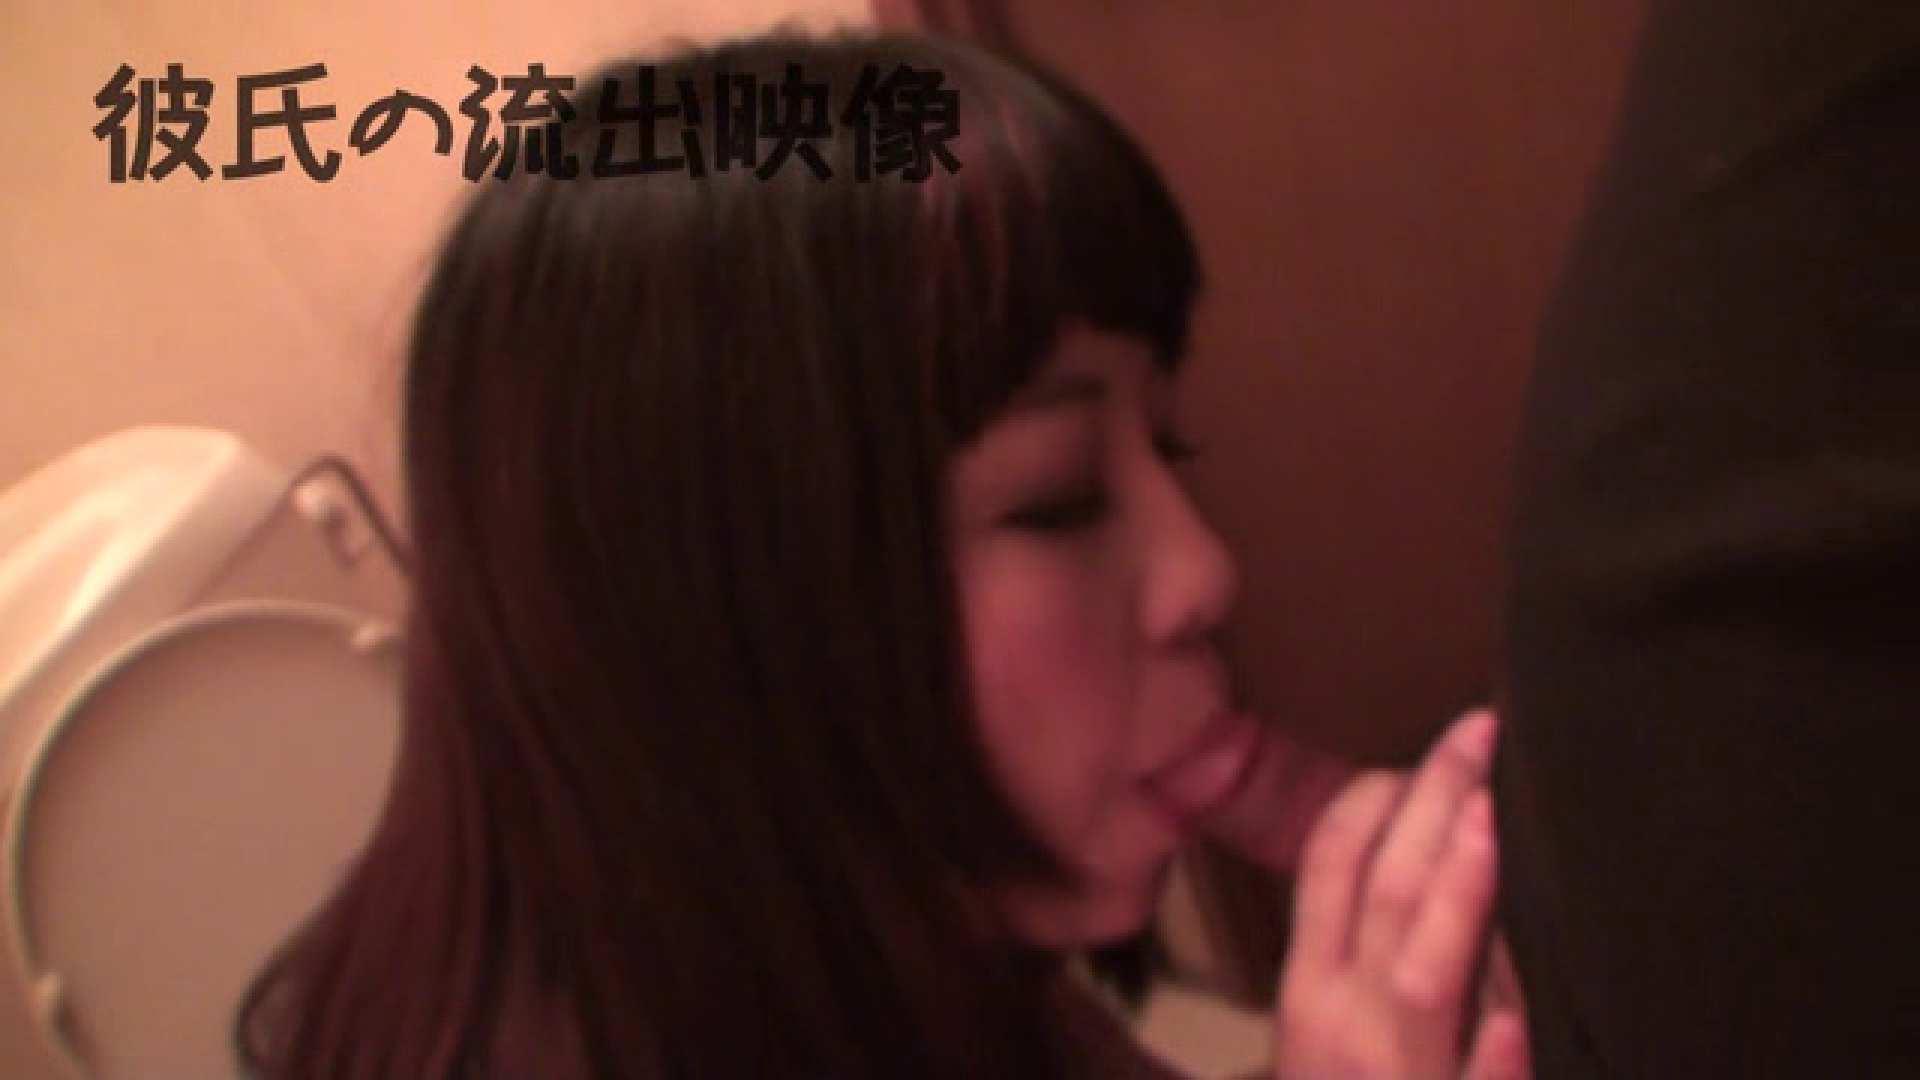 彼氏が流出 パイパン素人嬢のハメ撮り映像 カップル すけべAV動画紹介 67pic 11